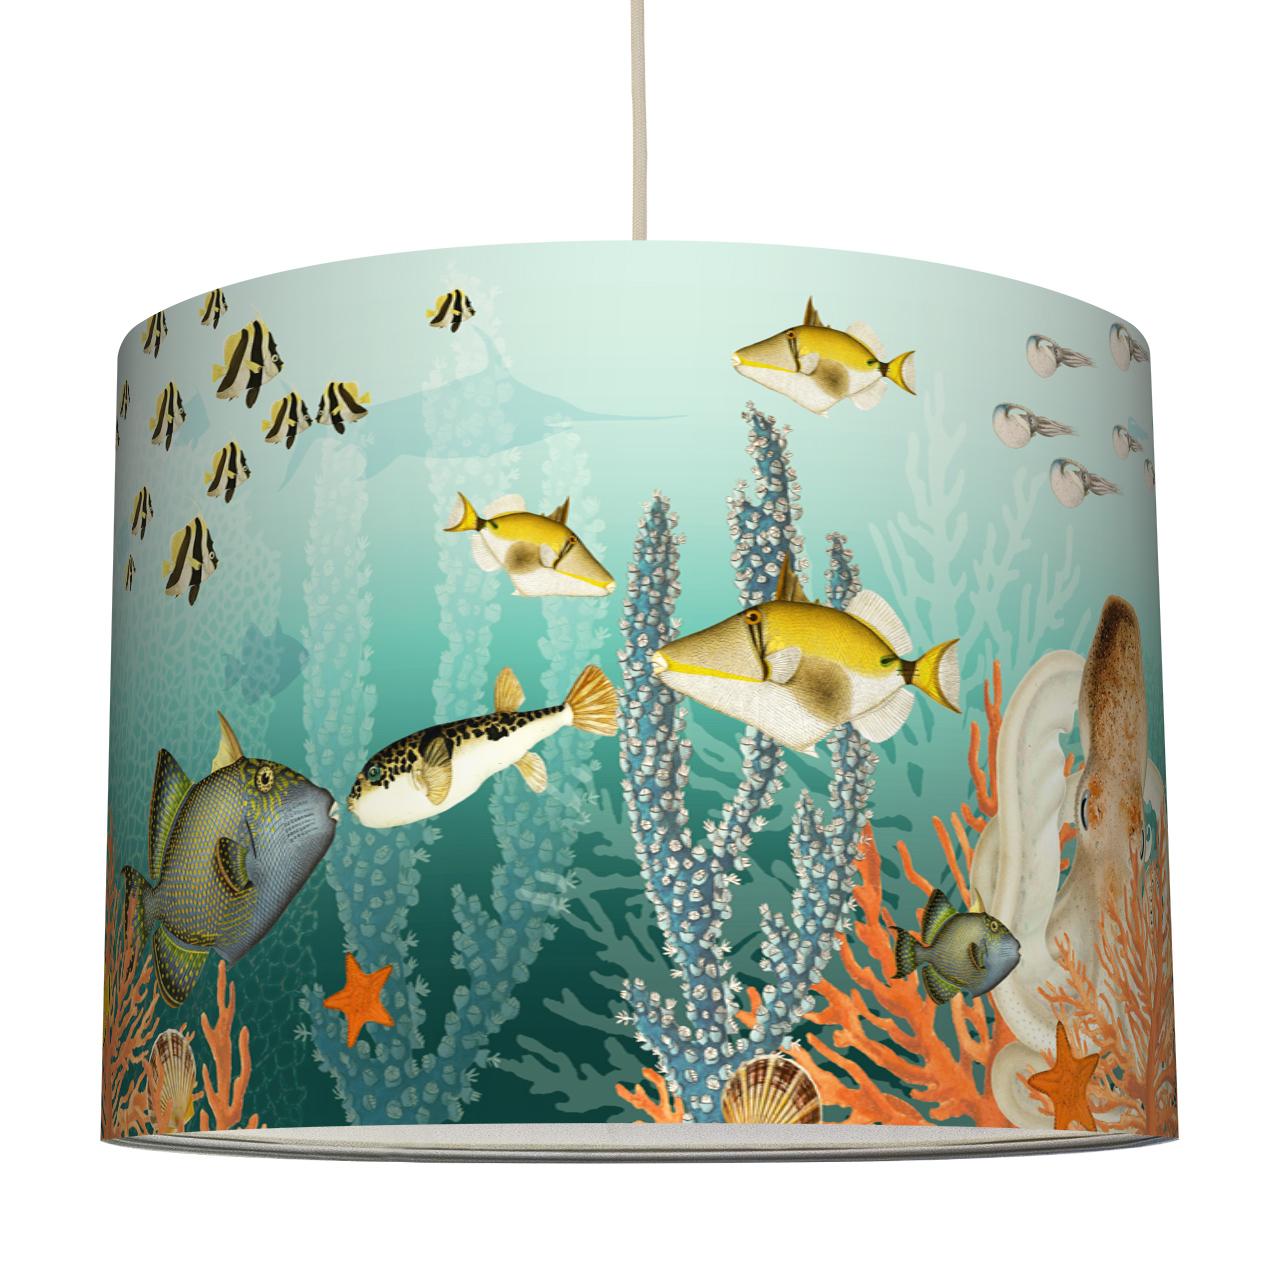 Lampen und Deko für das Kinderzimmer…   anna wand® design